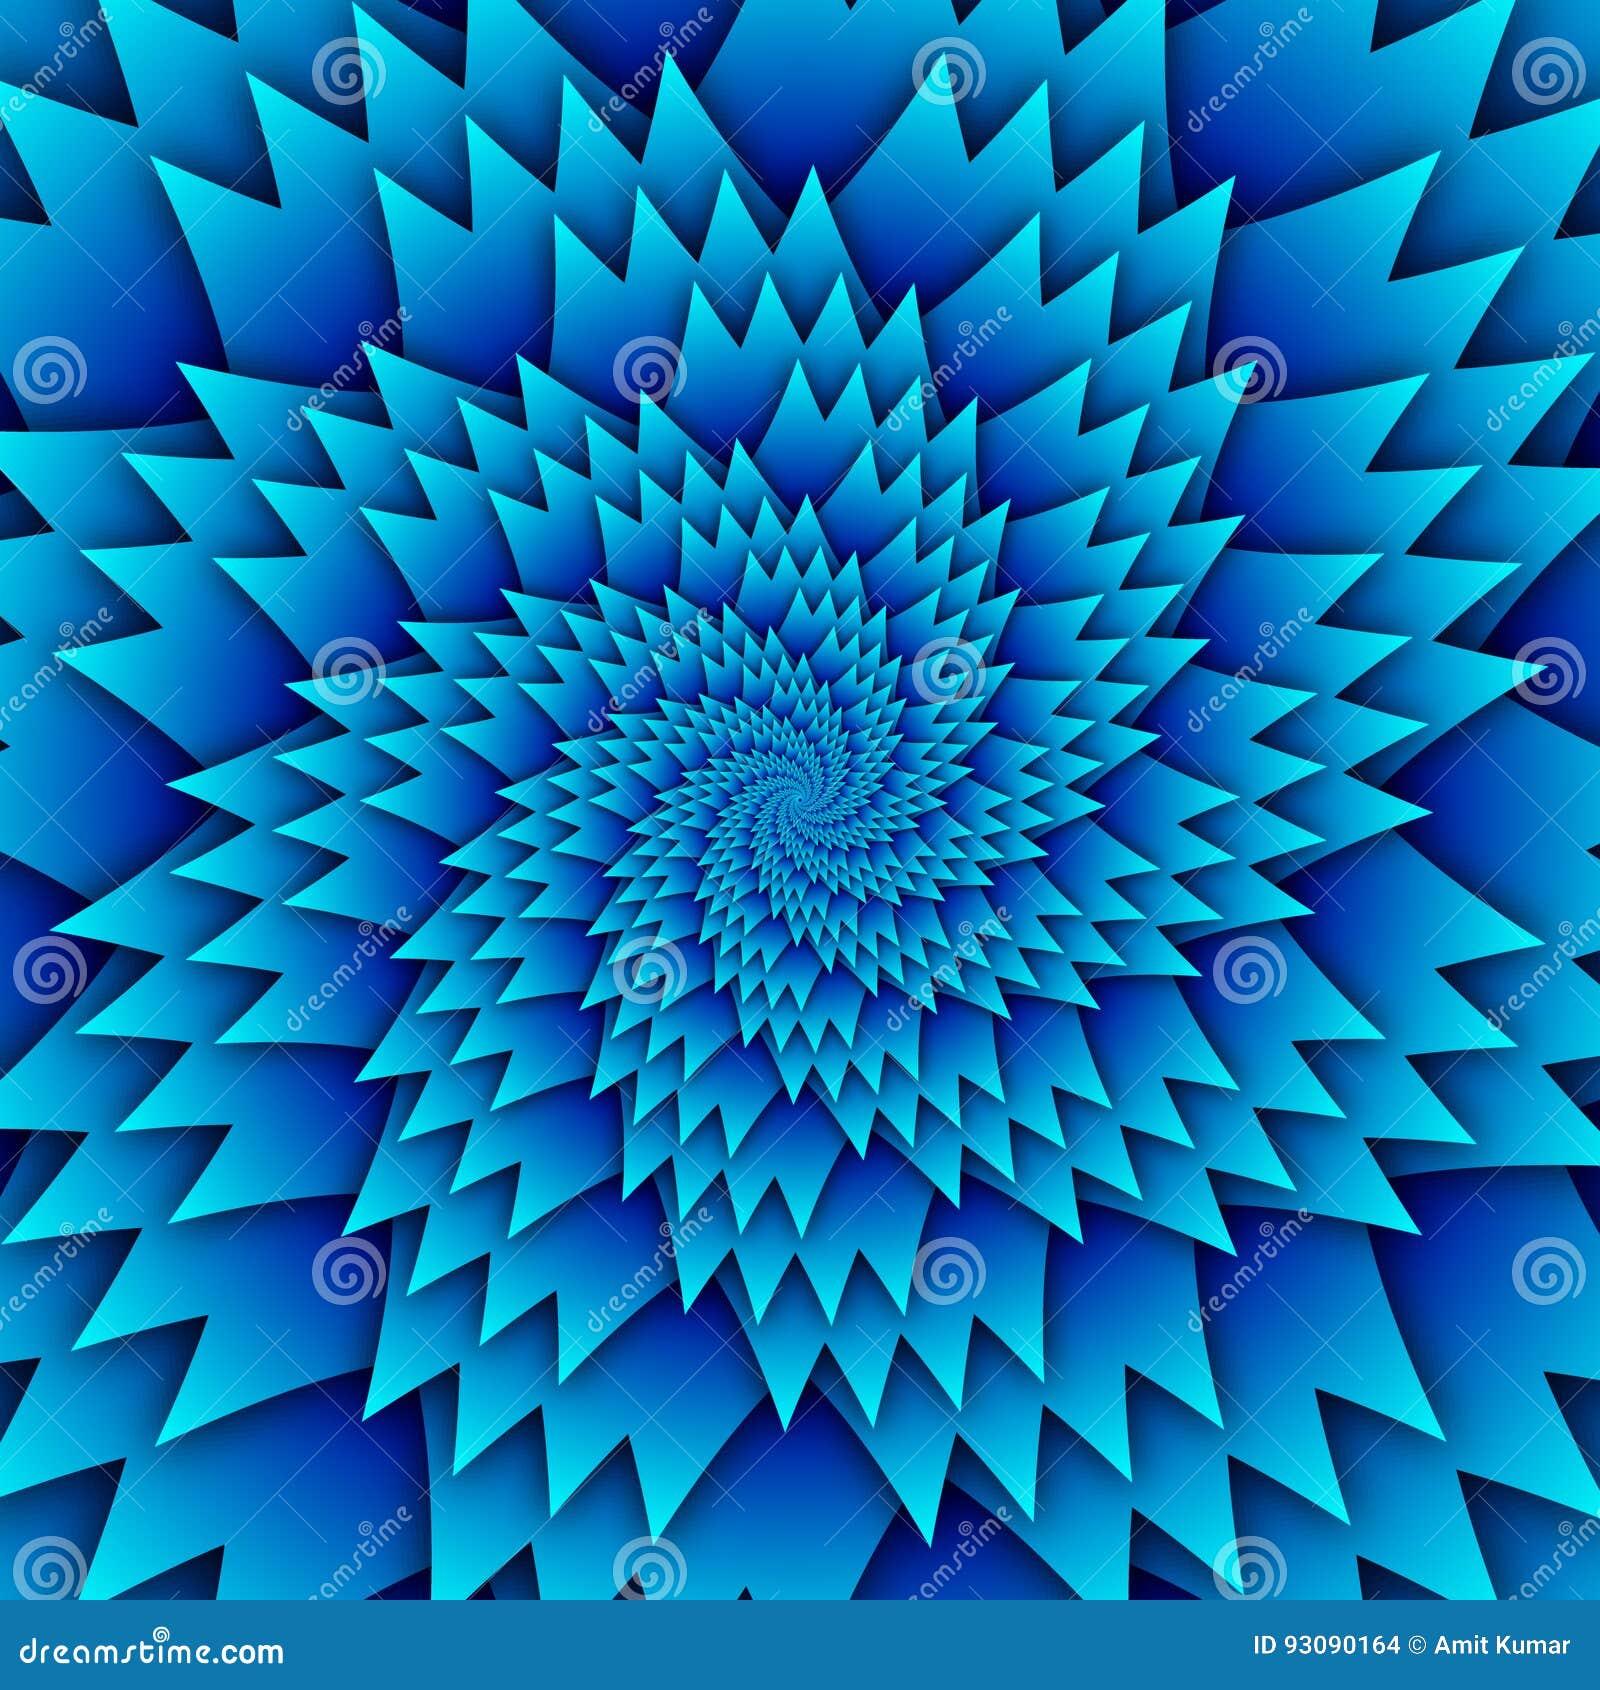 Imagen azul del cuadrado del fondo de la estrella del modelo decorativo abstracto de la mandala, modelo de la imagen del arte de